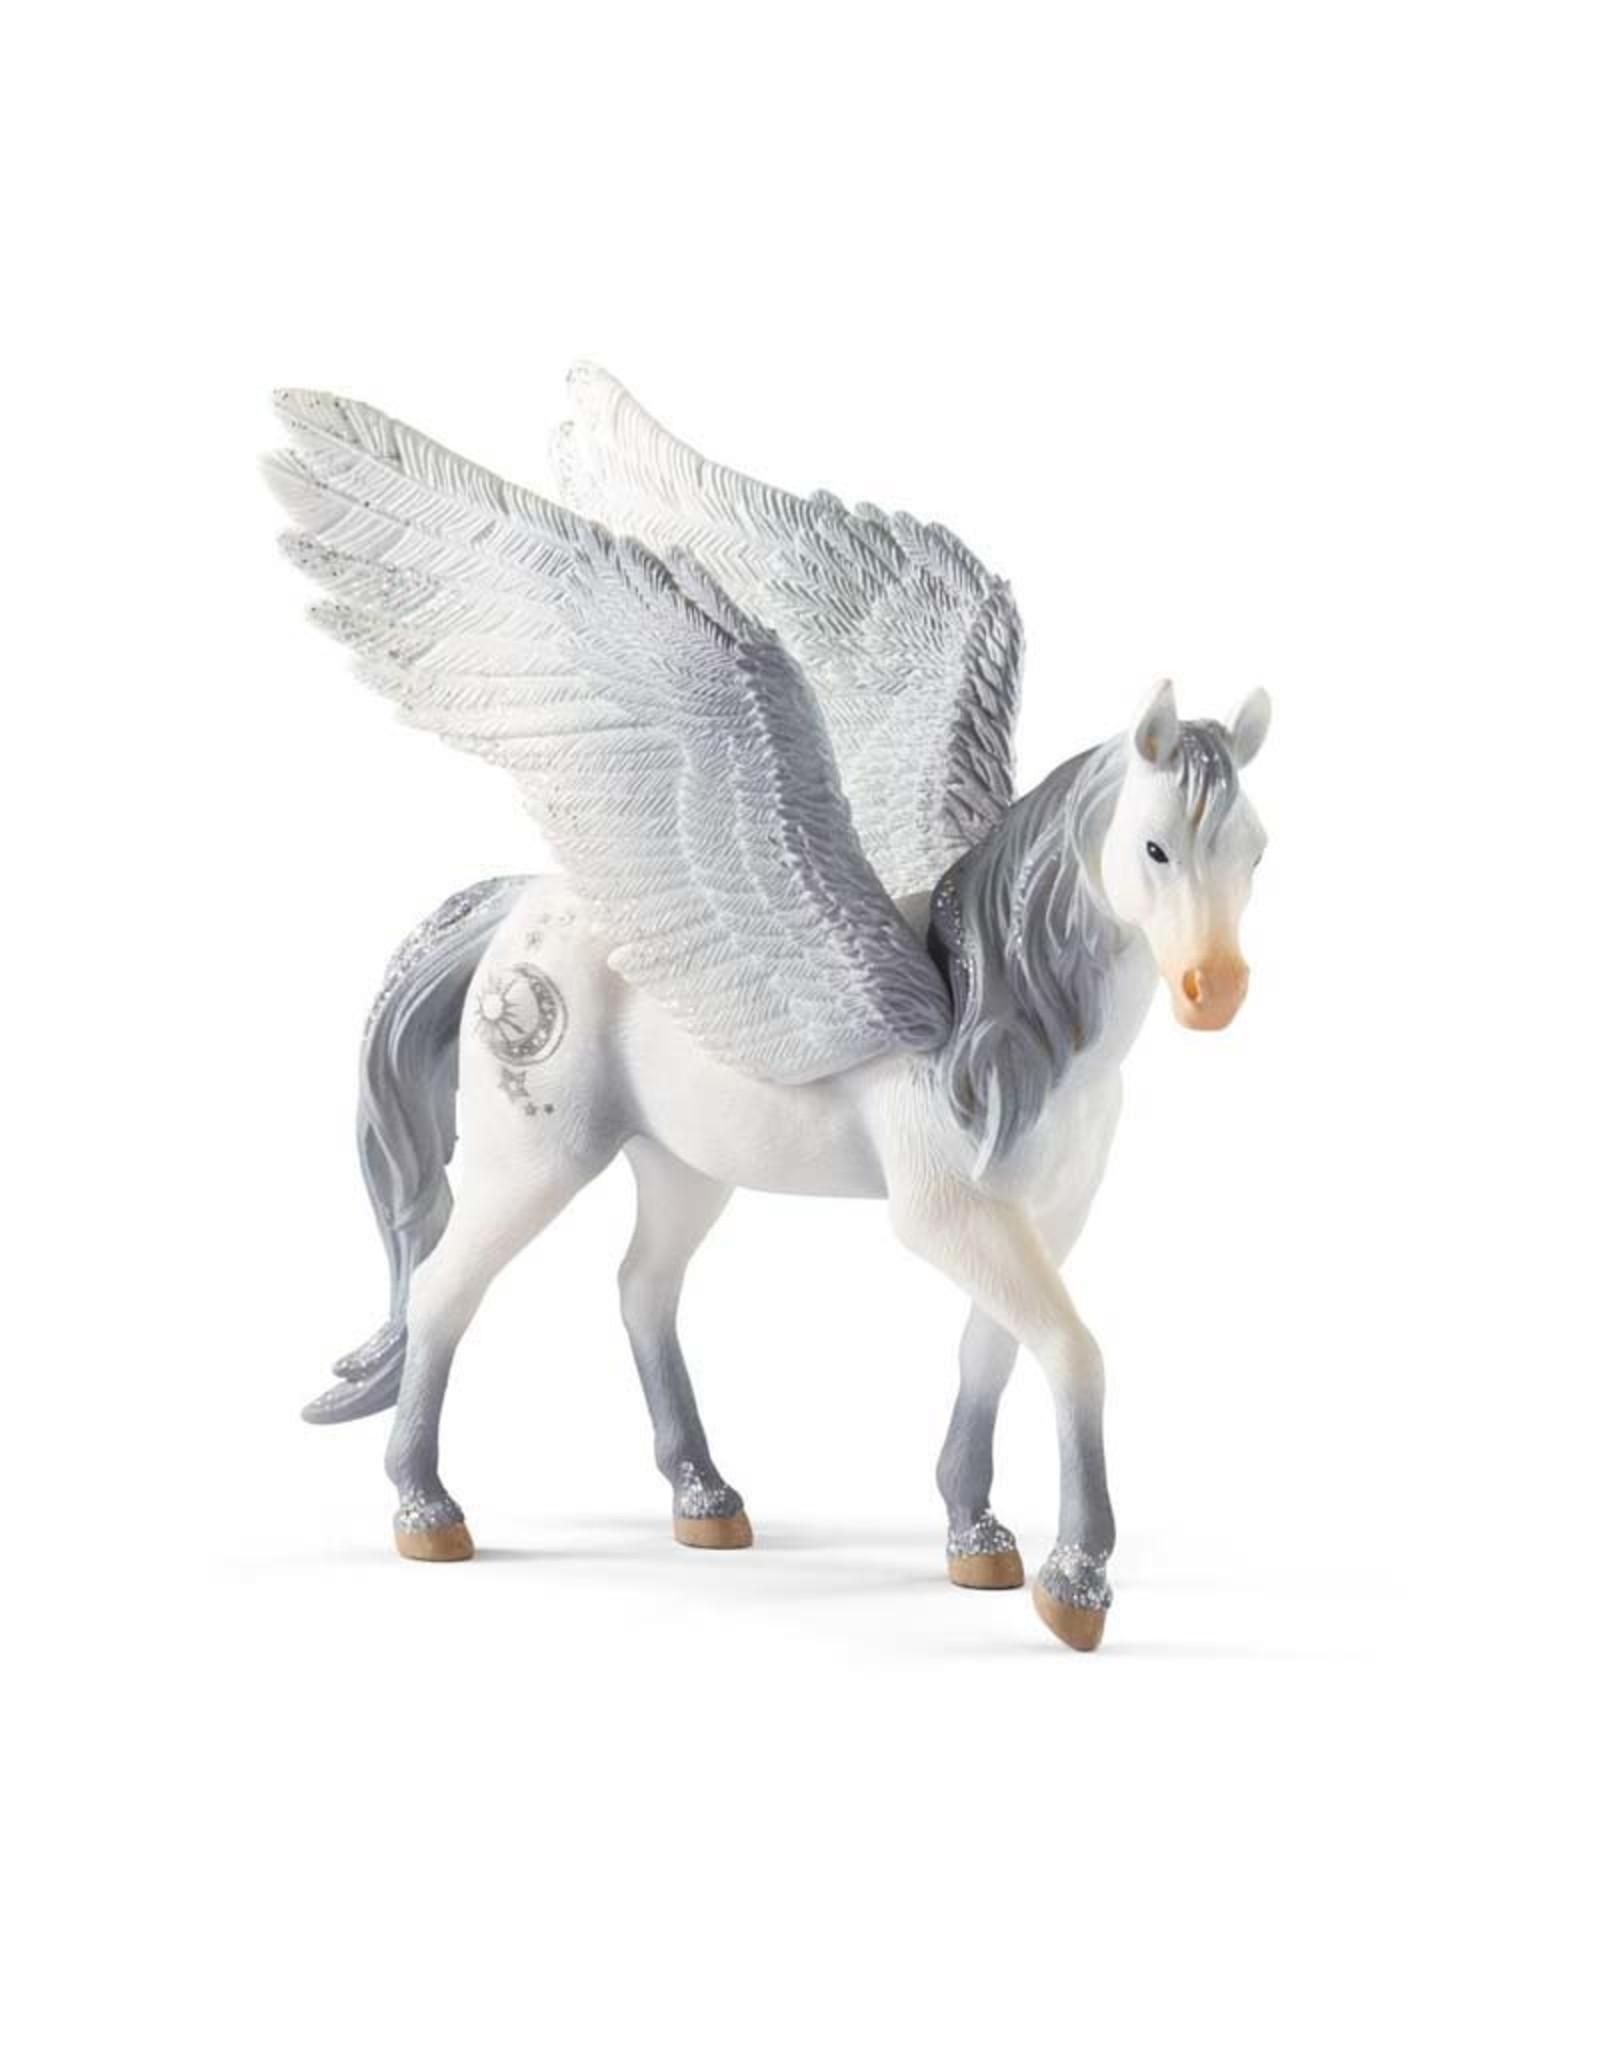 Schleich Schleich Pegasus, standing